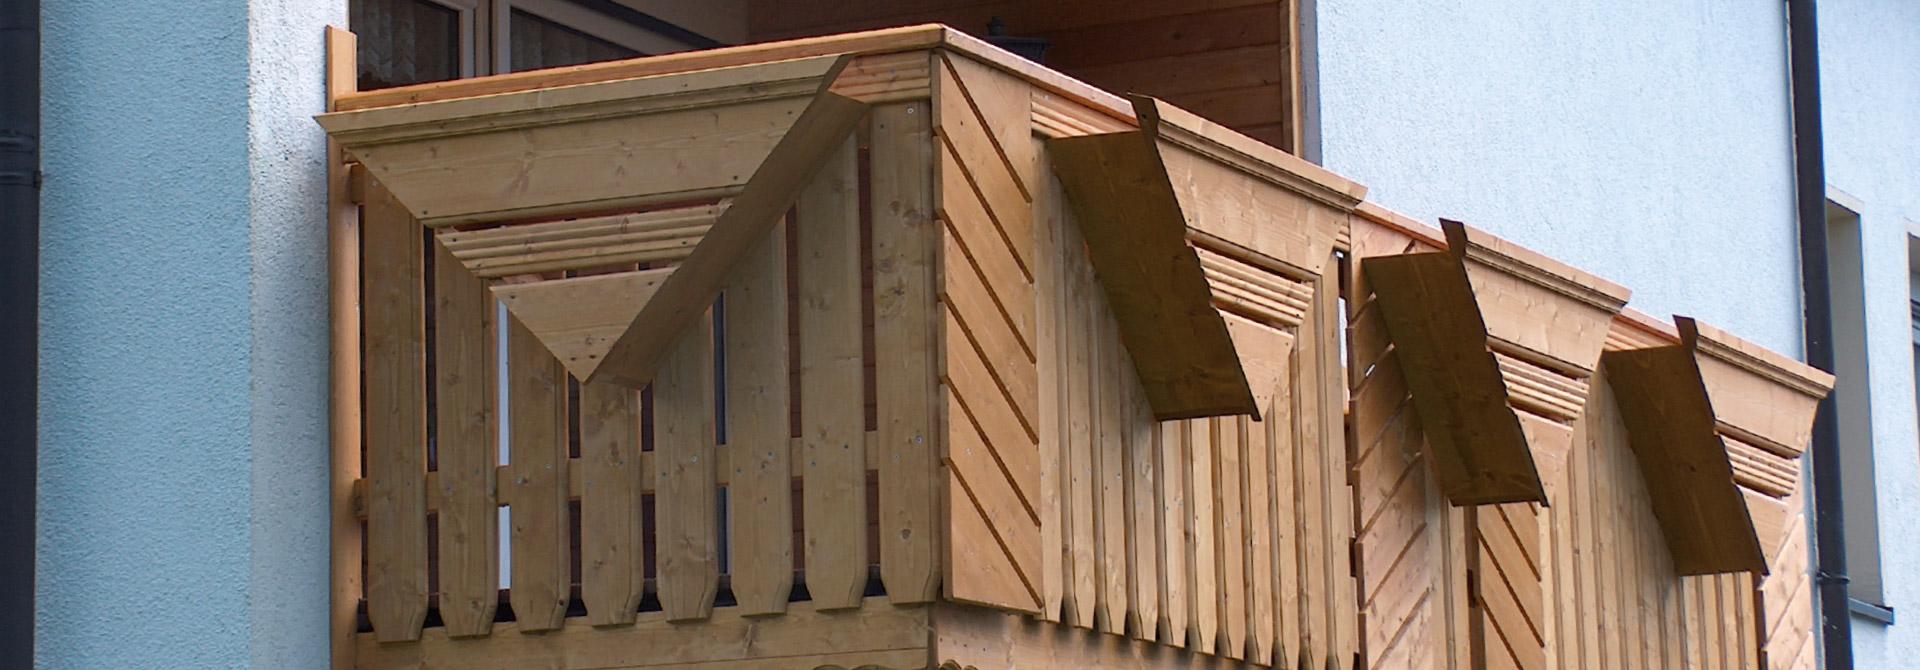 heyne holz gmbh in hohenstein ernstthal zimmerei. Black Bedroom Furniture Sets. Home Design Ideas